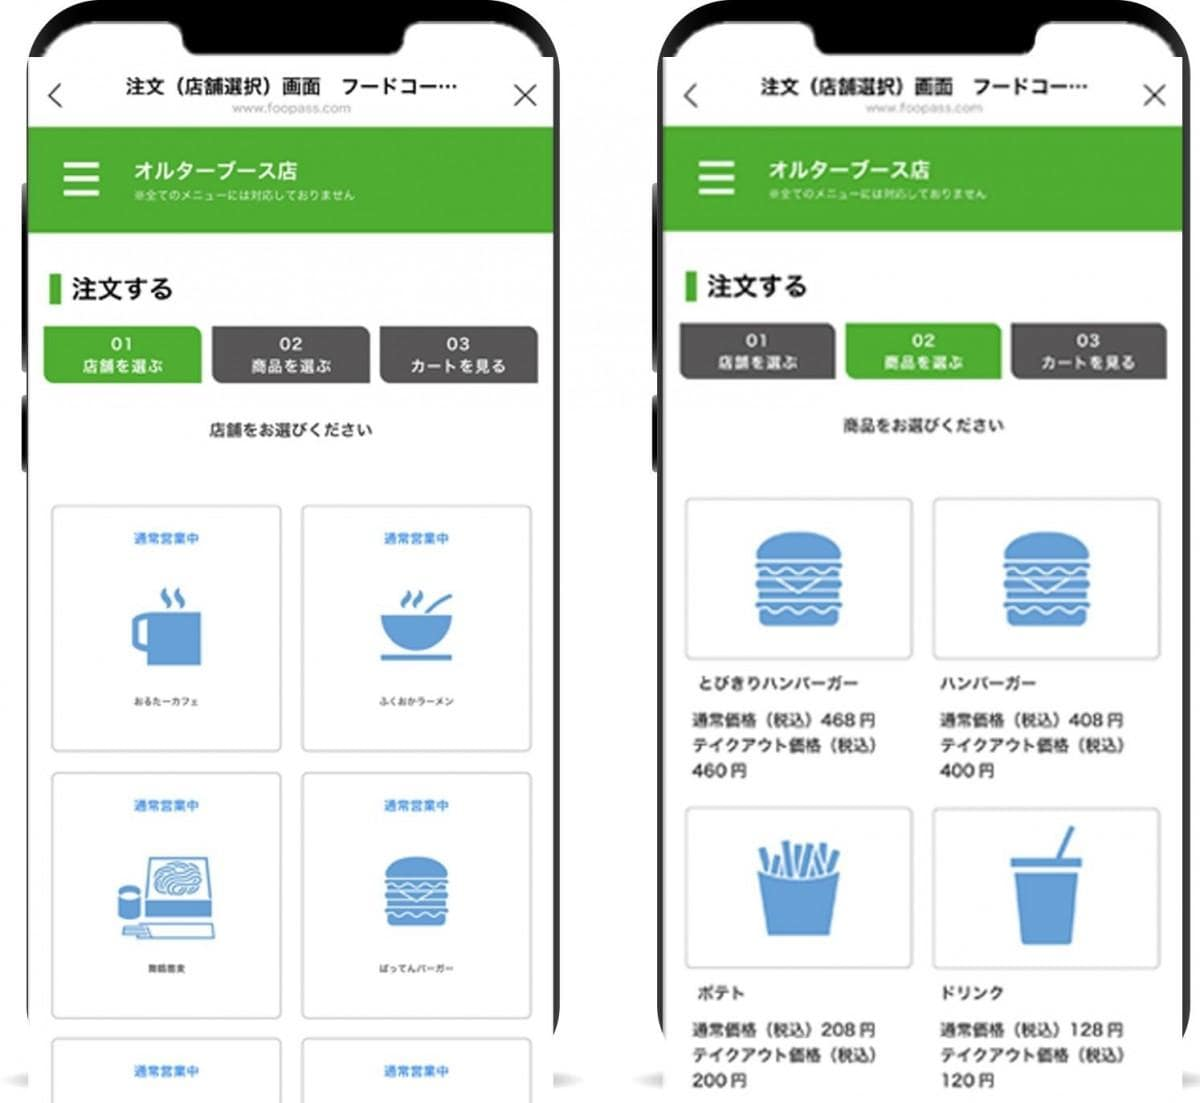 モバイルオーダーサービス「FooPass」エンドユーザー画面イメージ